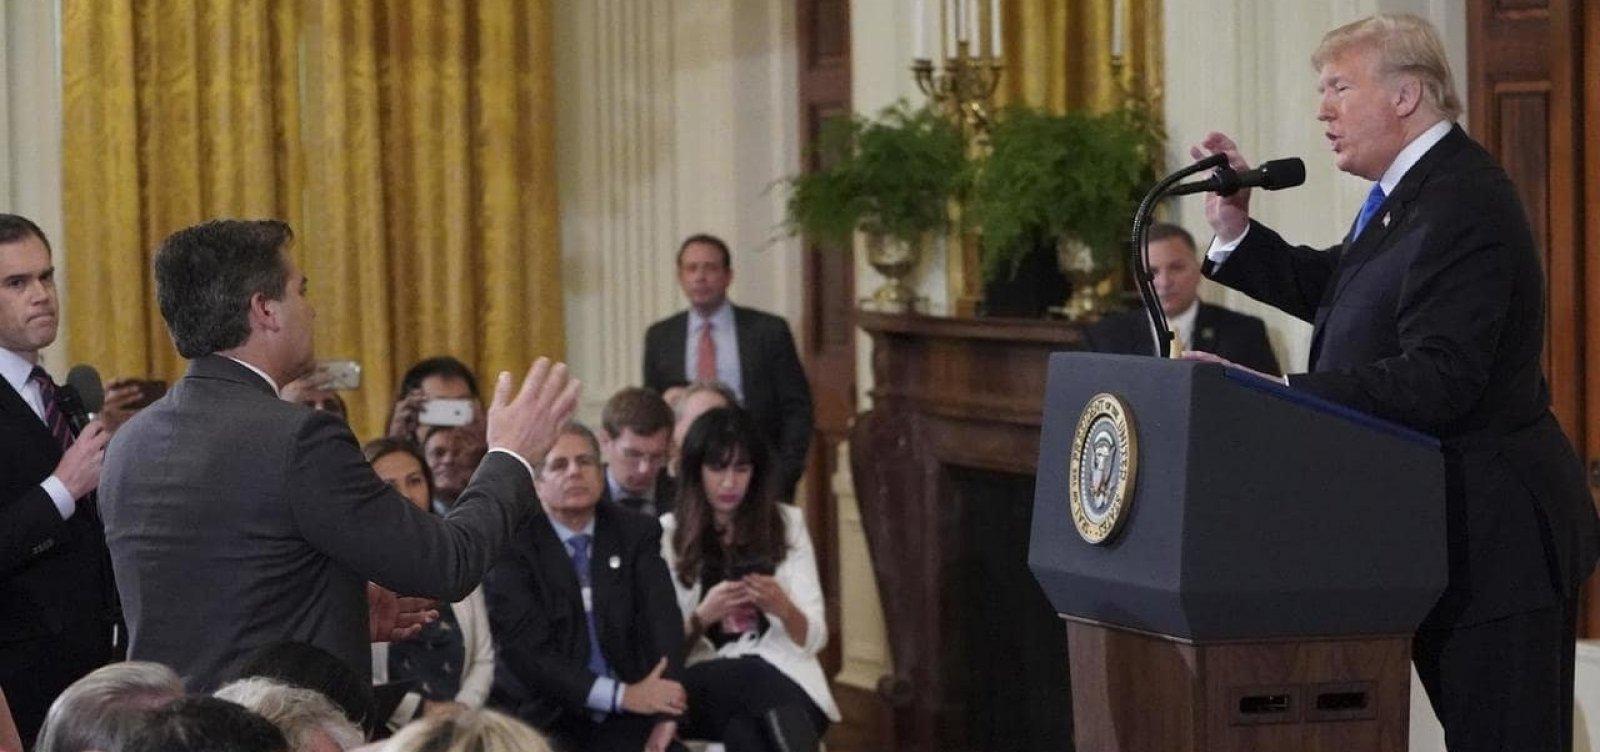 [Secretária de imprensa da Casa Branca é acusada de compartilhar vídeo manipulado]